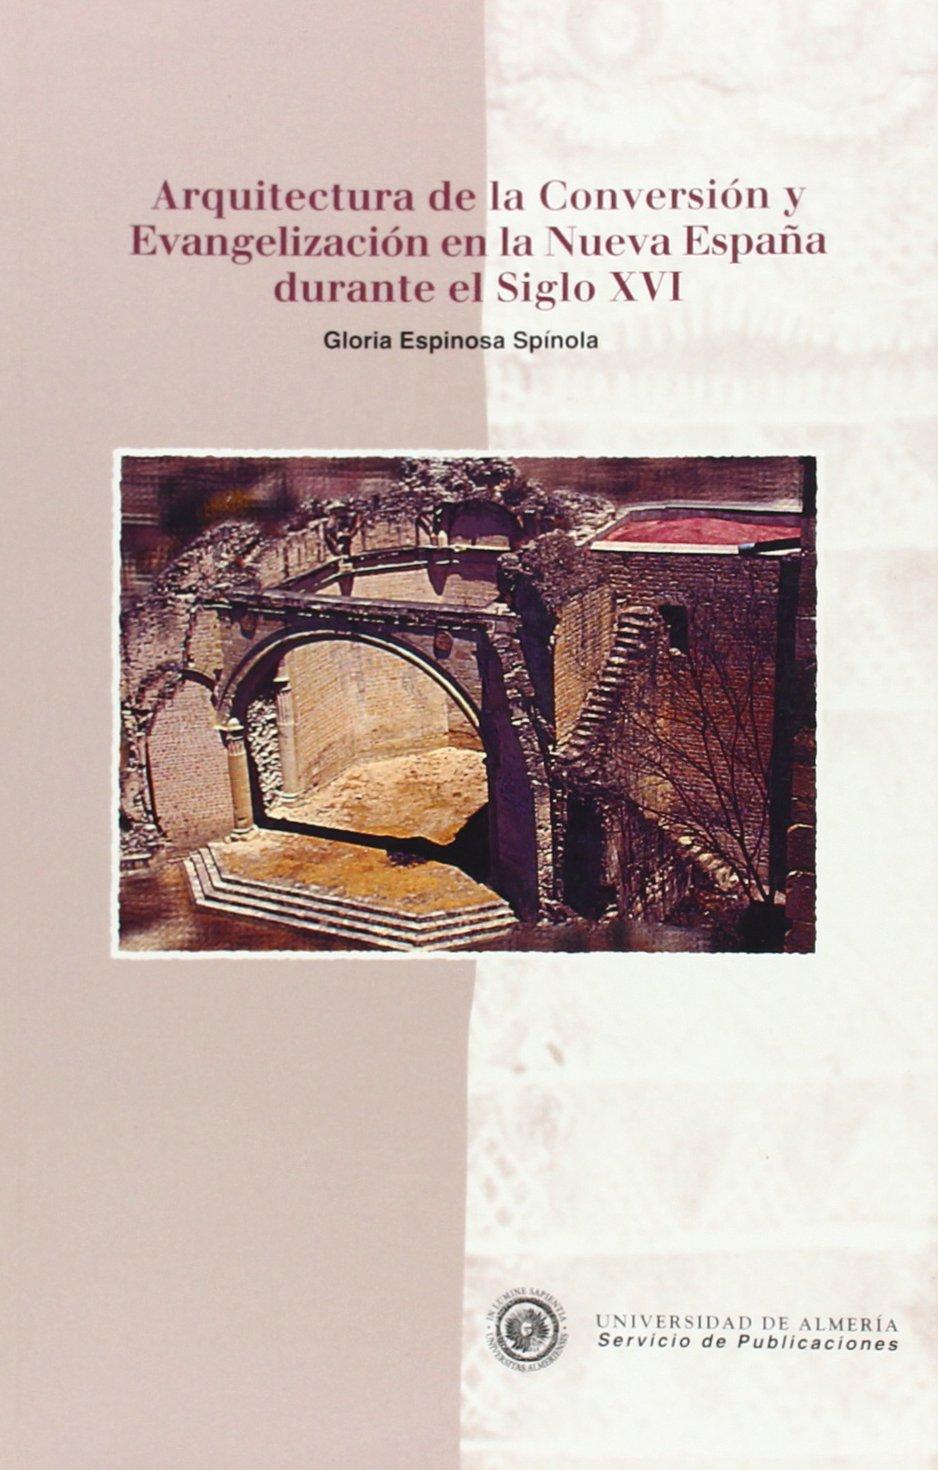 Arquitectura de la Conversión y Evangelización en la Nueva España durante el Siglo XVI Historia: Amazon.es: Espinosa Spínola, Mª Gloria: Libros